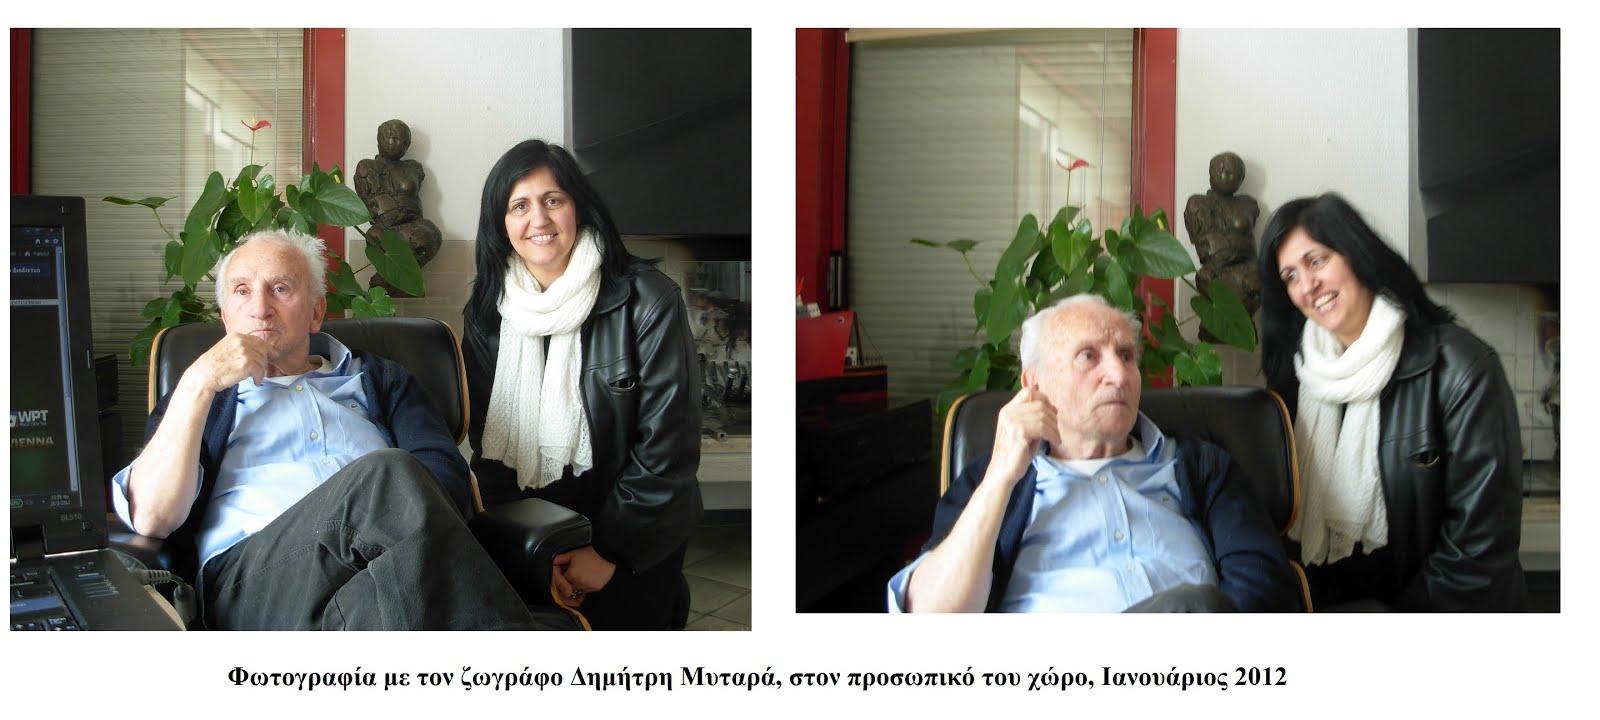 Εις μνήμην του αγαπημένου Έλληνα καταξιωμένου ζωγράφου ΔΗΜΗΤΡΗ ΜΥΤΑΡΑ